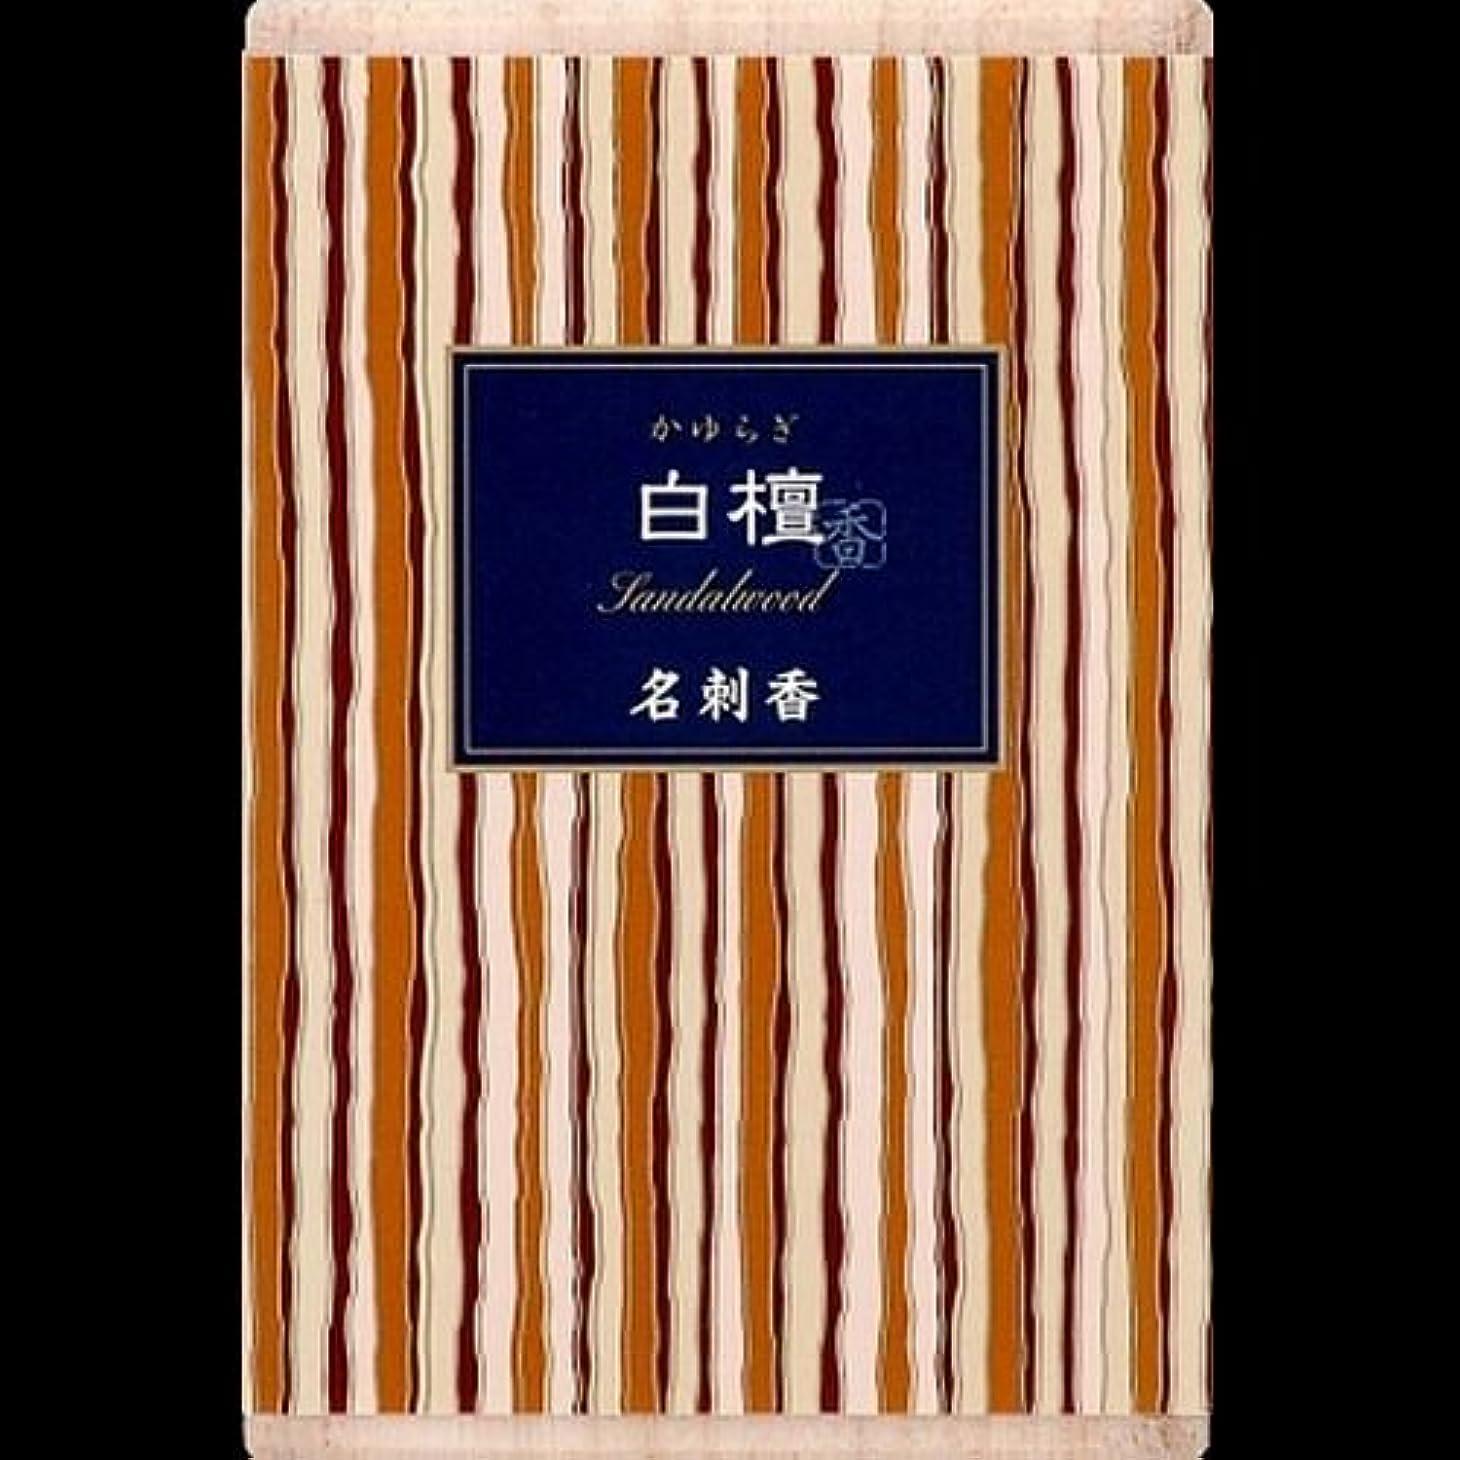 出しますドール利用可能【まとめ買い】かゆらぎ 白檀 名刺香 桐箱 6入 ×2セット